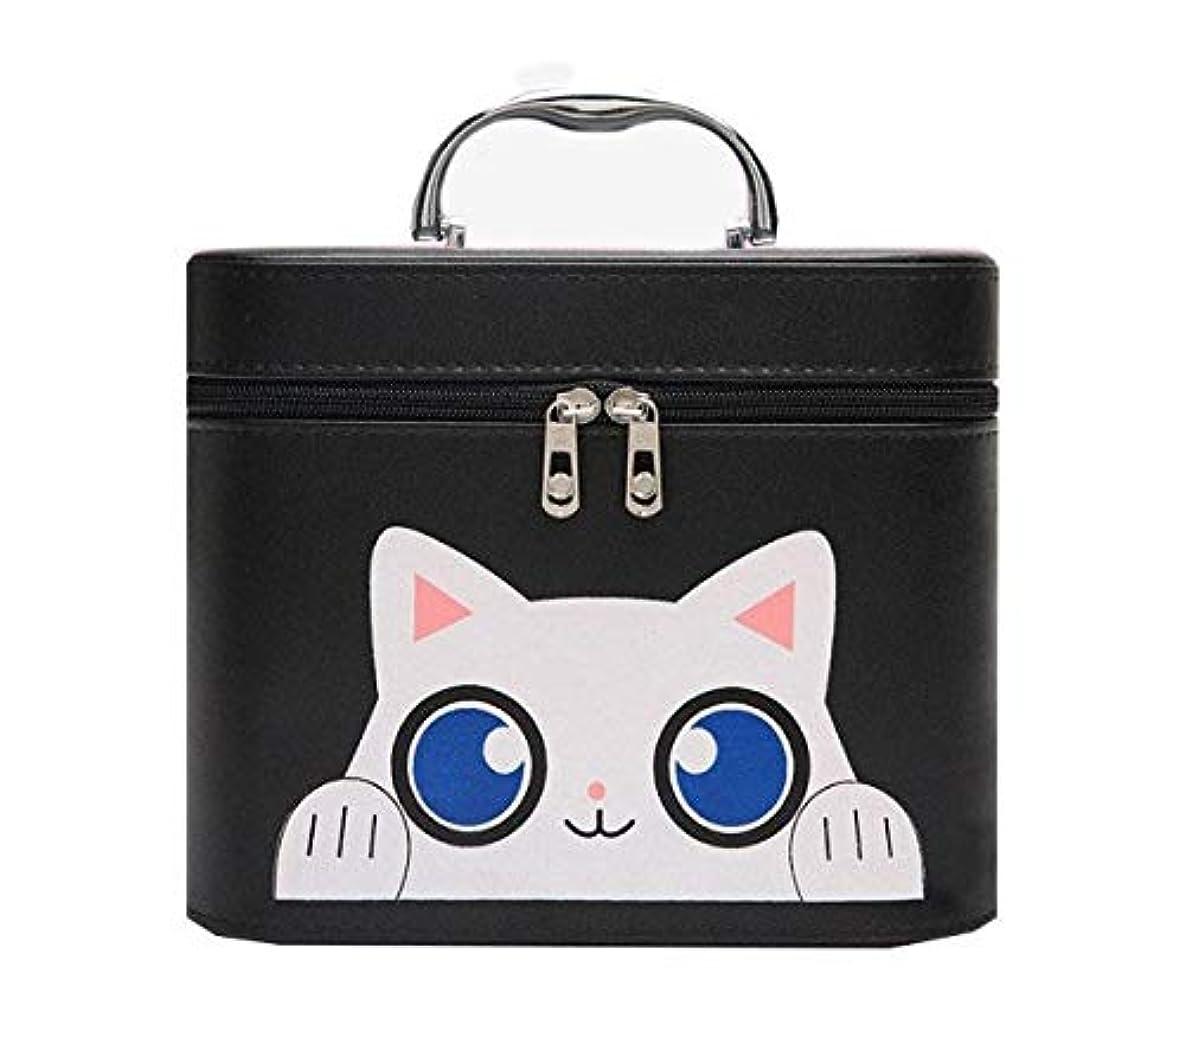 能力走る飢化粧箱、黒漫画猫化粧品ケース、ポータブル旅行化粧品ケース、美容ネイルジュエリー収納ボックス (Size : L)